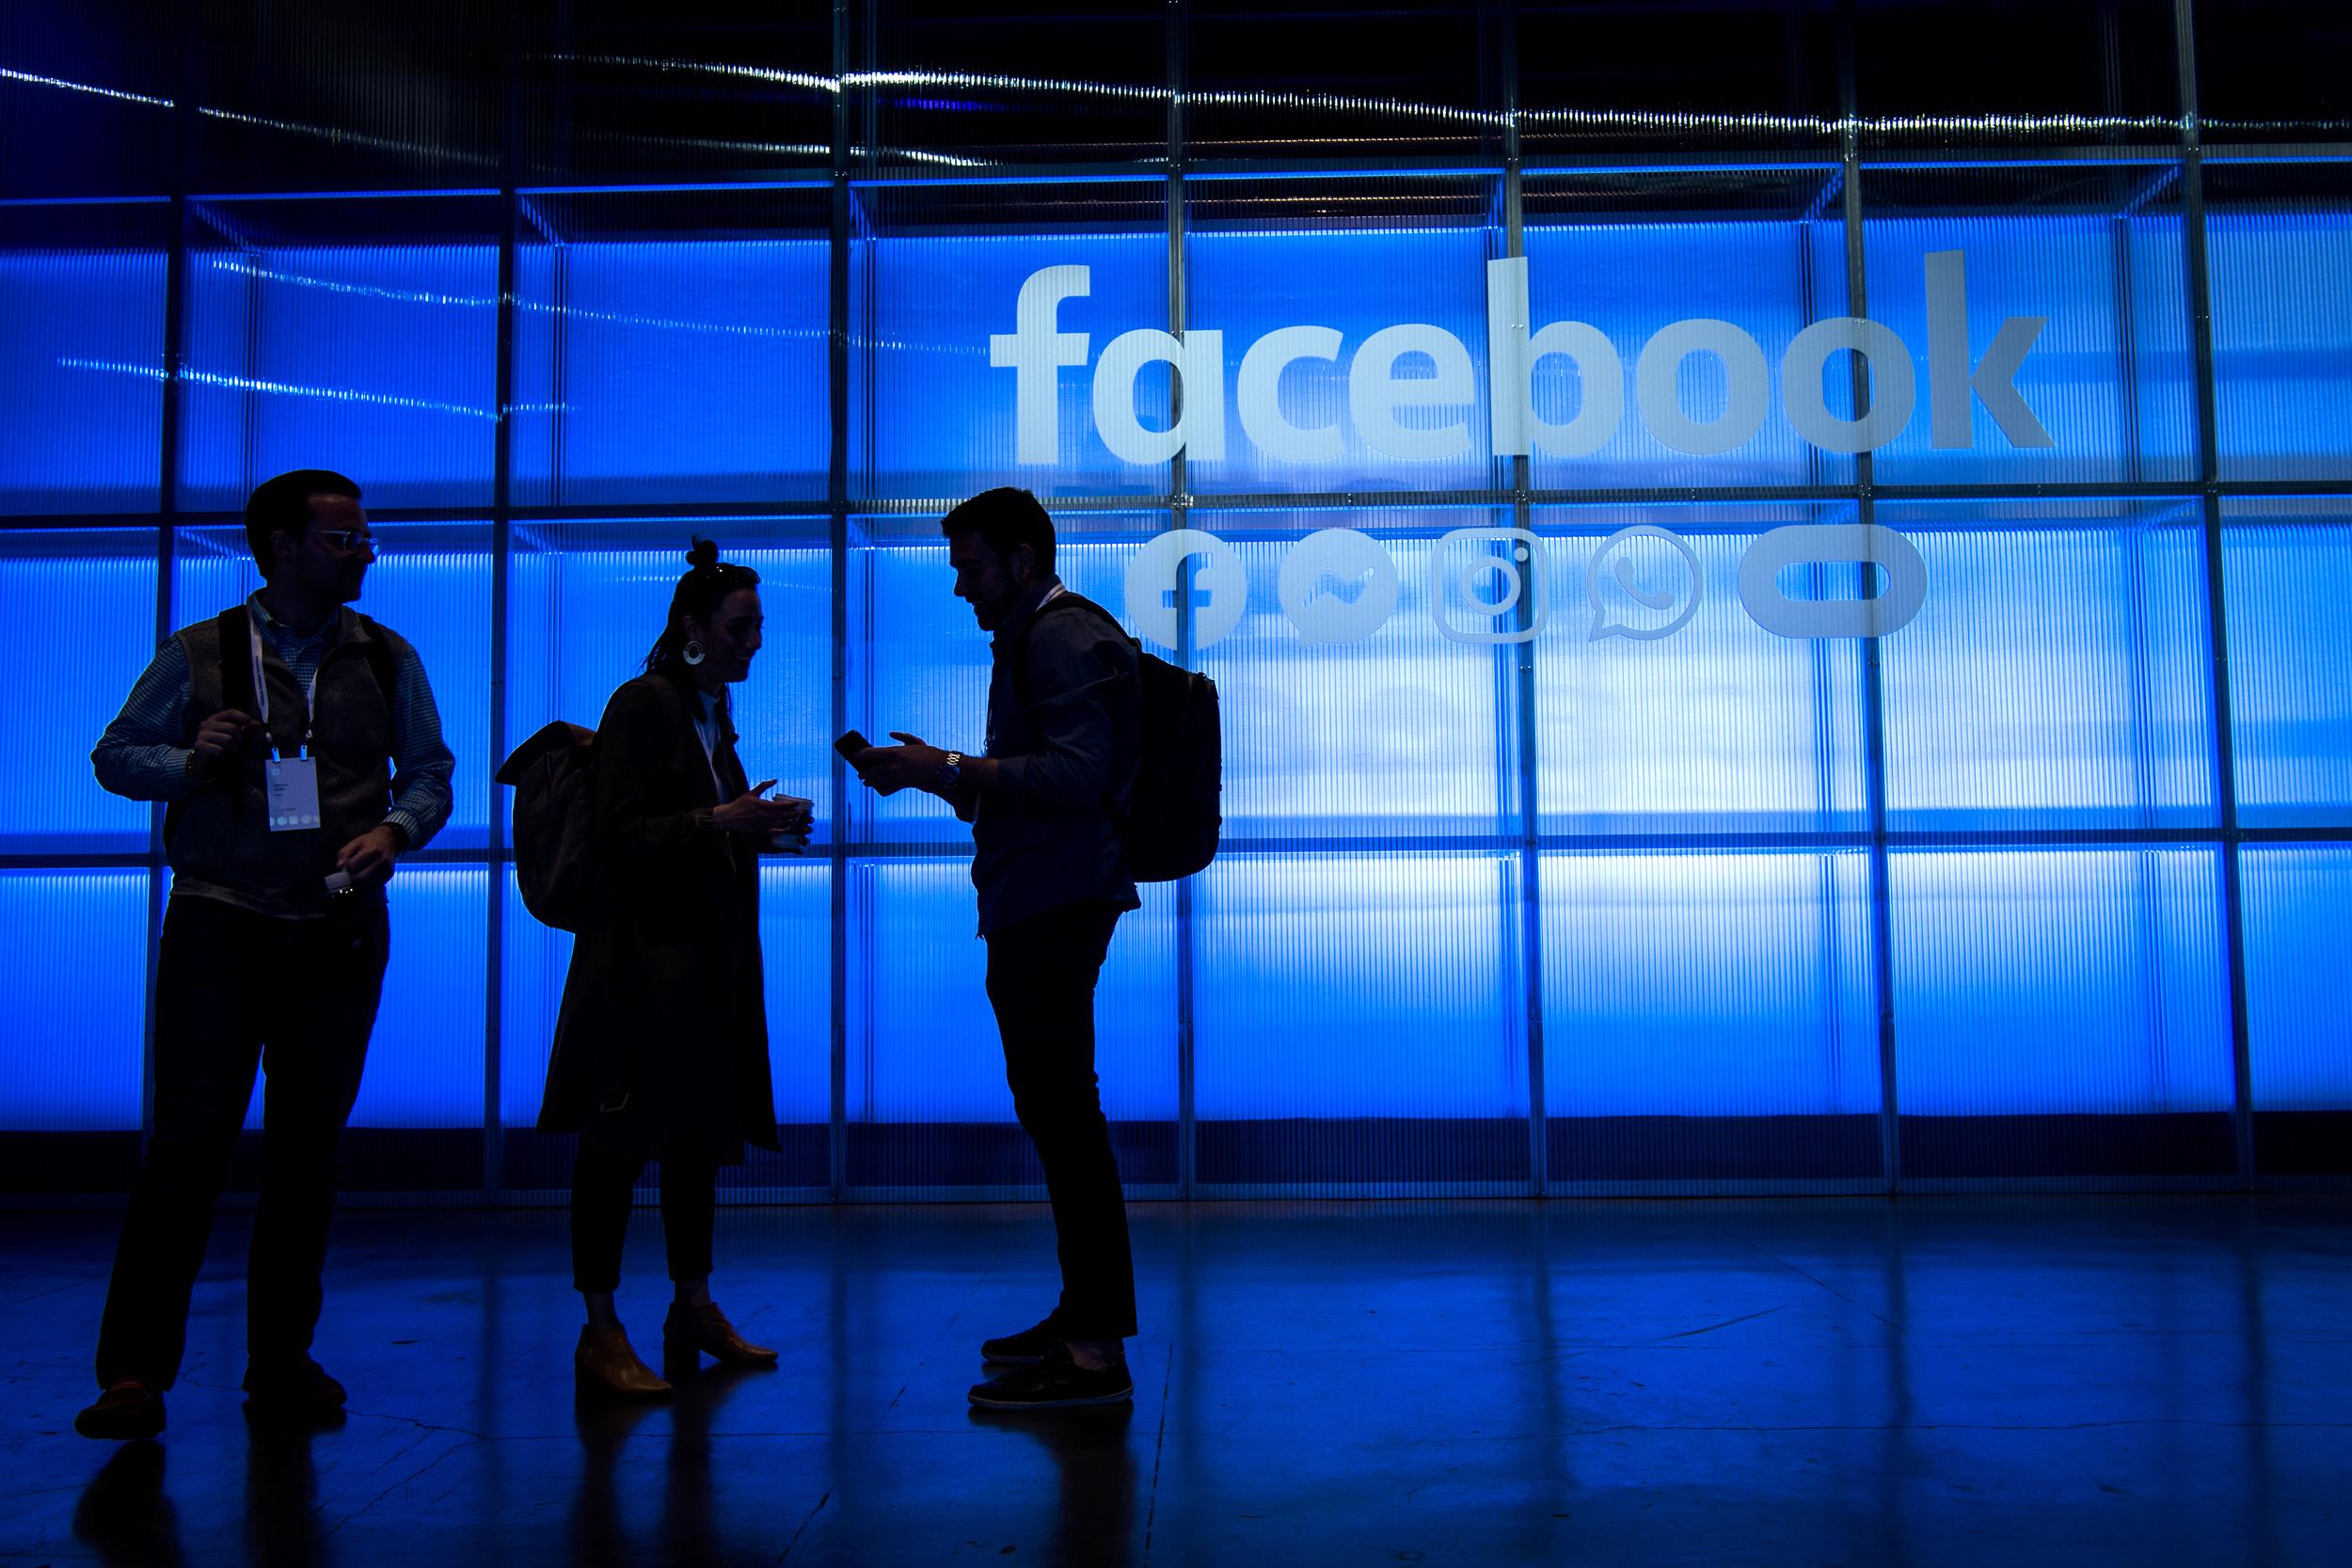 190611 facebook al 1422 3470d3f8a17421149353fb60aee862d5 - فیس بوک محصولی شبیه TikTok را در اینستاگرام عرضه می کند!!!